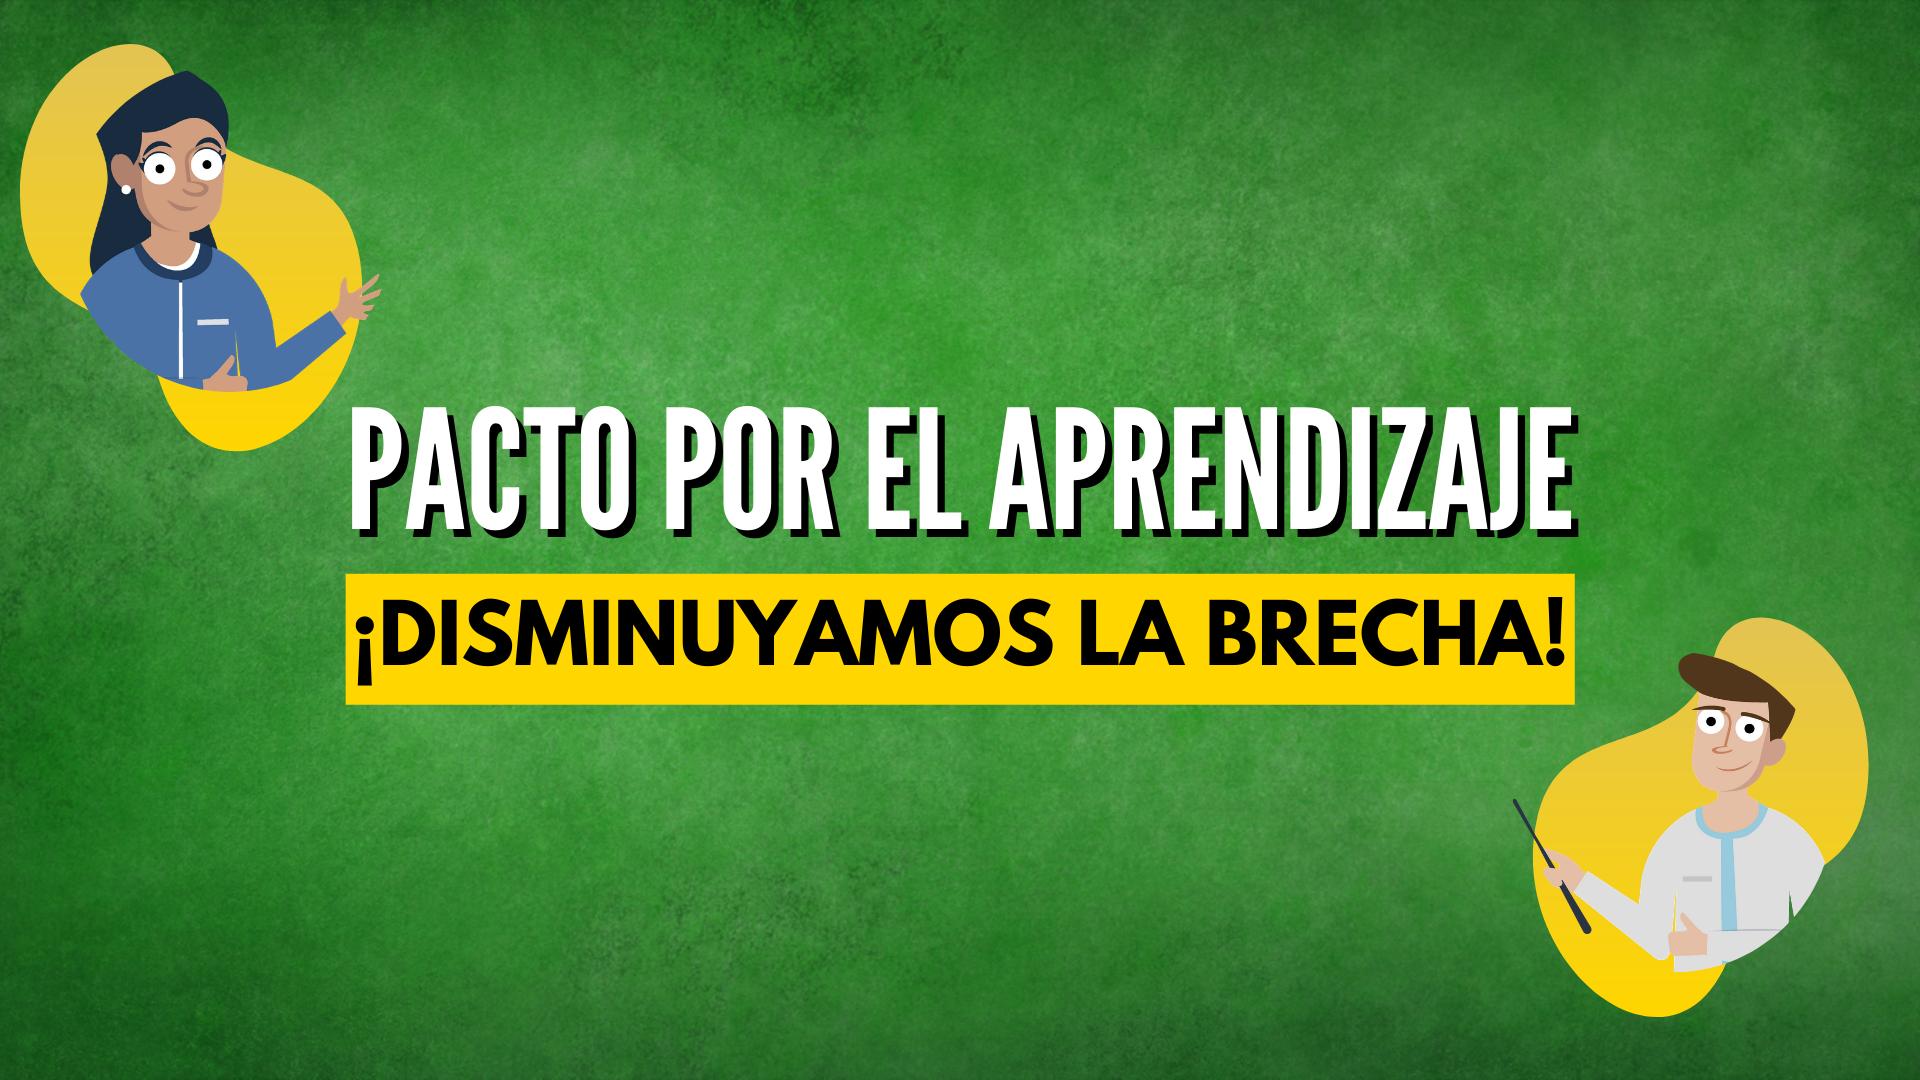 PACTO POR EL APRENDIZAJE: DISMINUYAMOS LA BRECHA